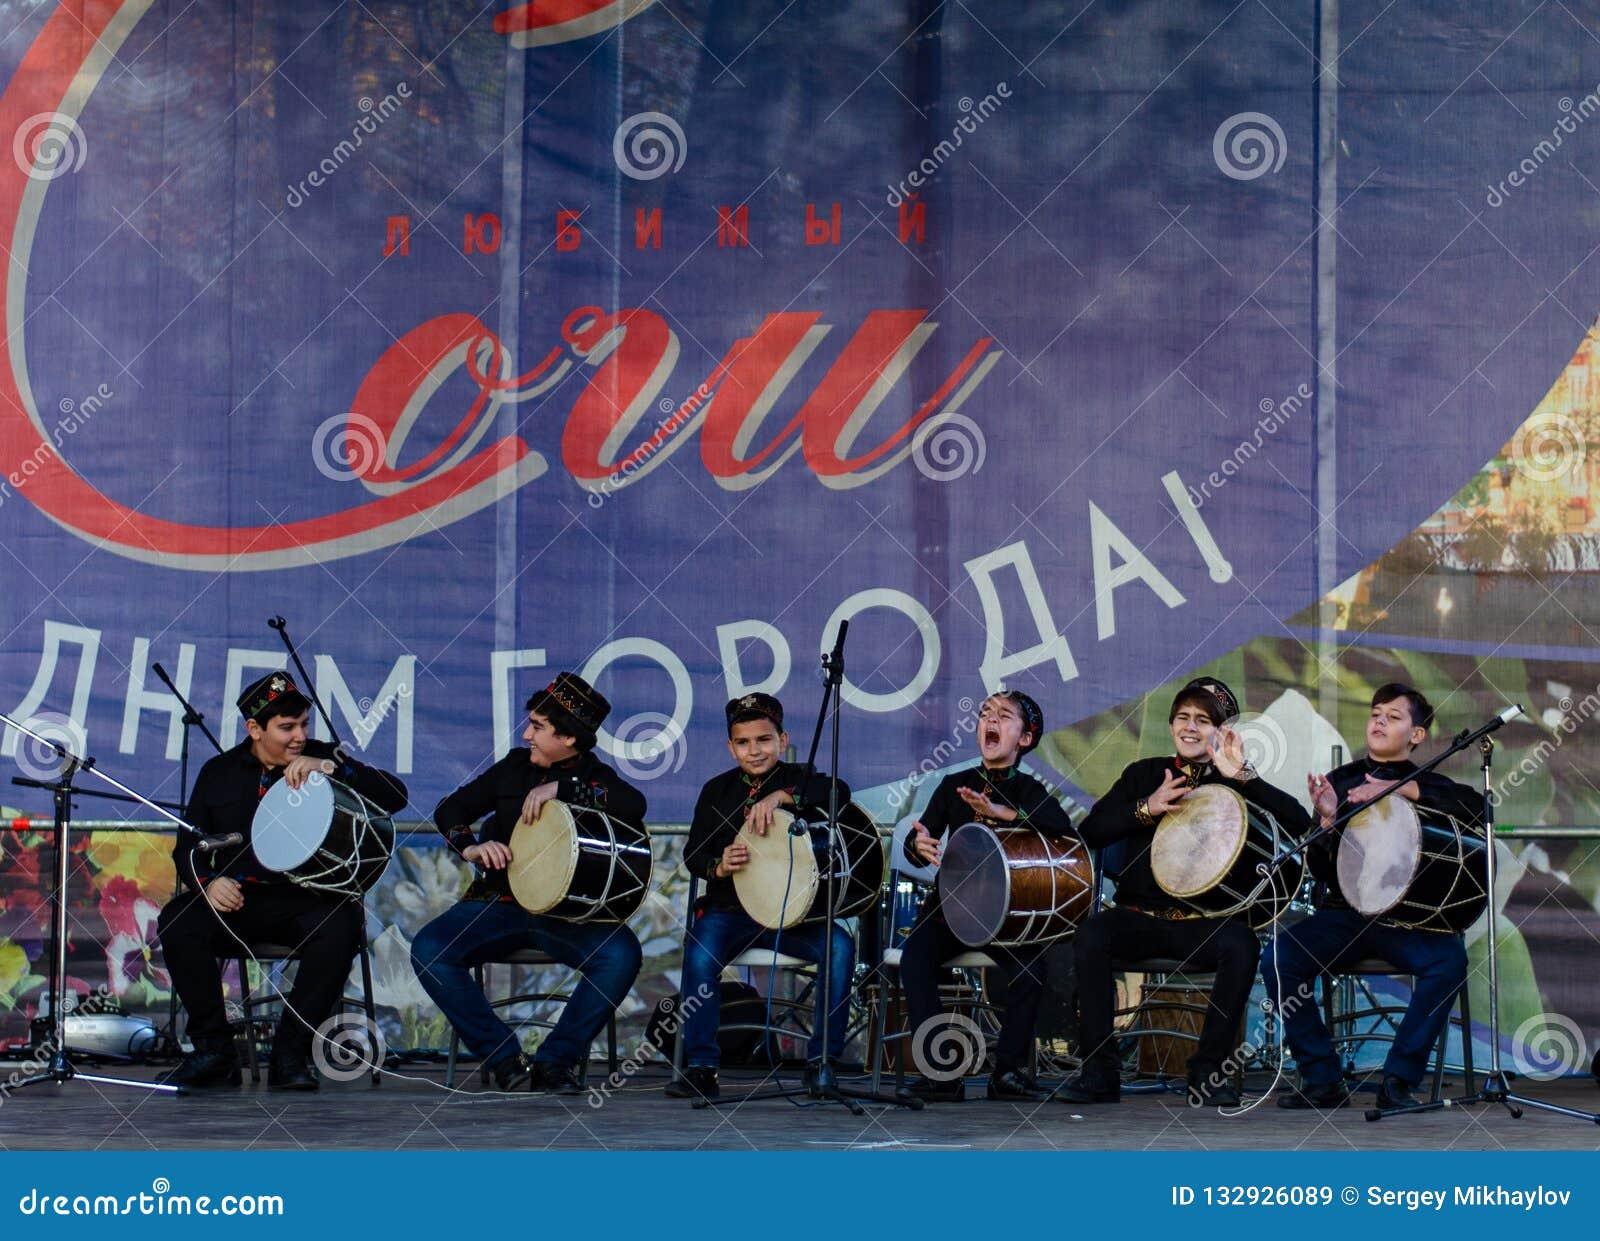 Soci La Russia - 24 novembre 2018: prestazione del gruppo creativo al festival dedicato al giorno della città di Soci